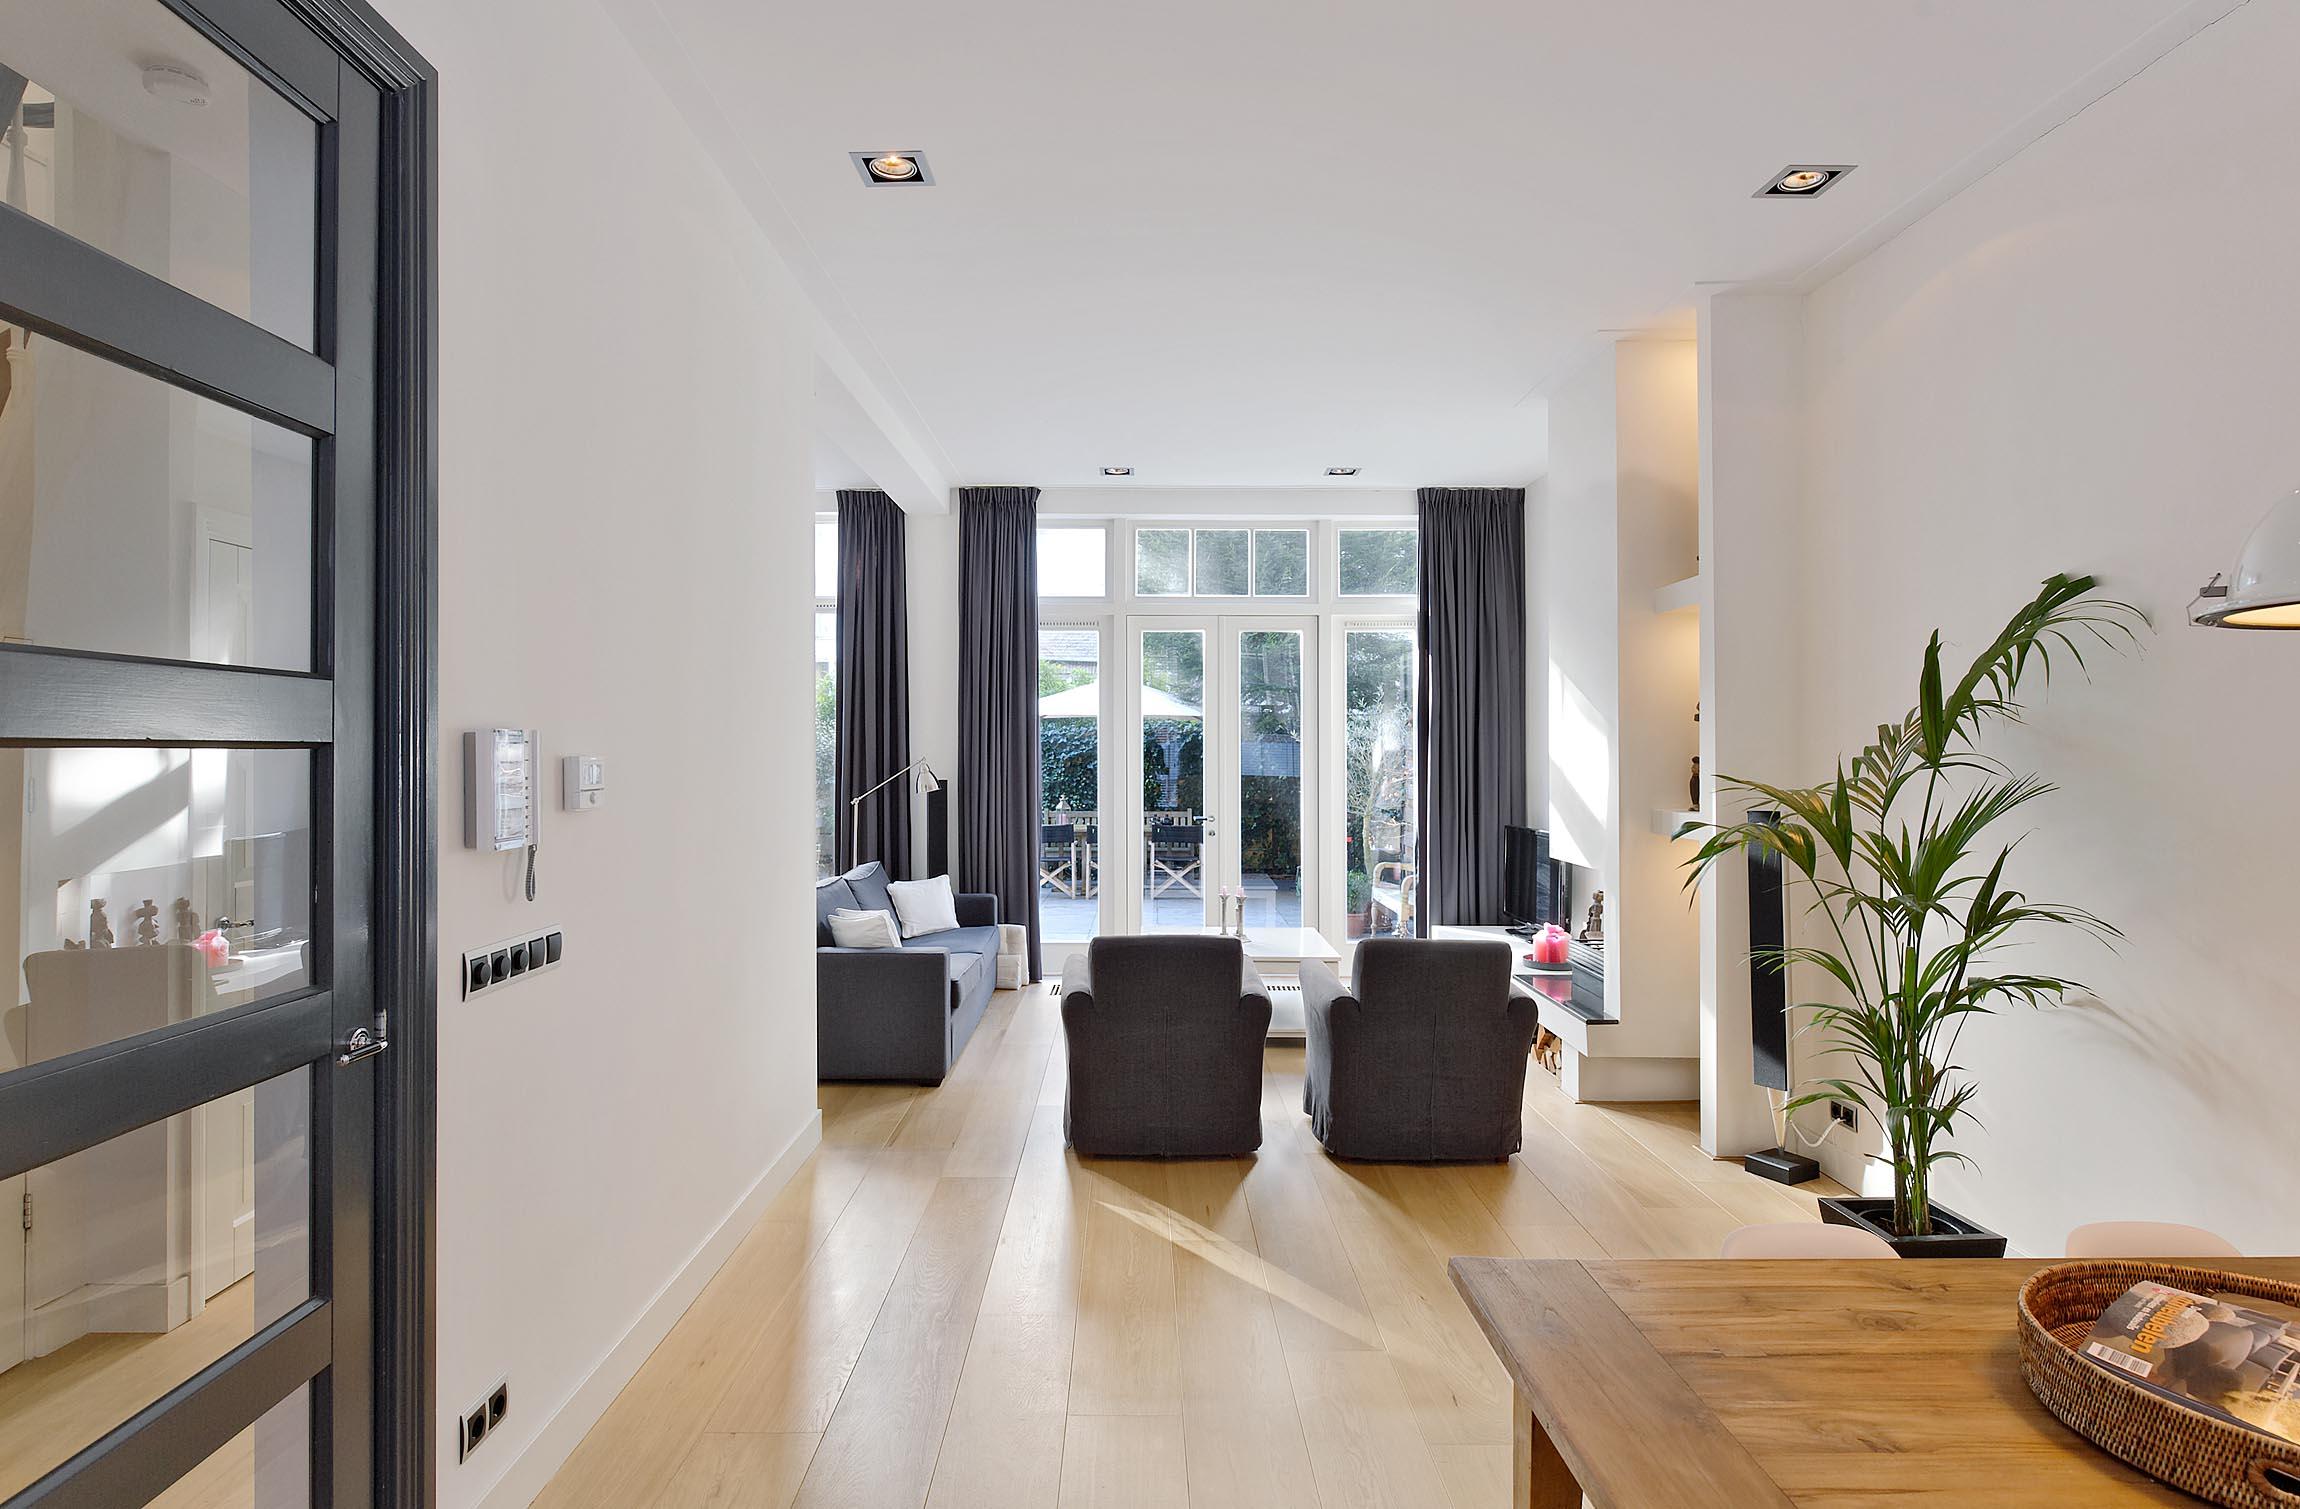 Huizen Huren Amsterdam : Appartement te huur lomanstraat huis te amsterdam